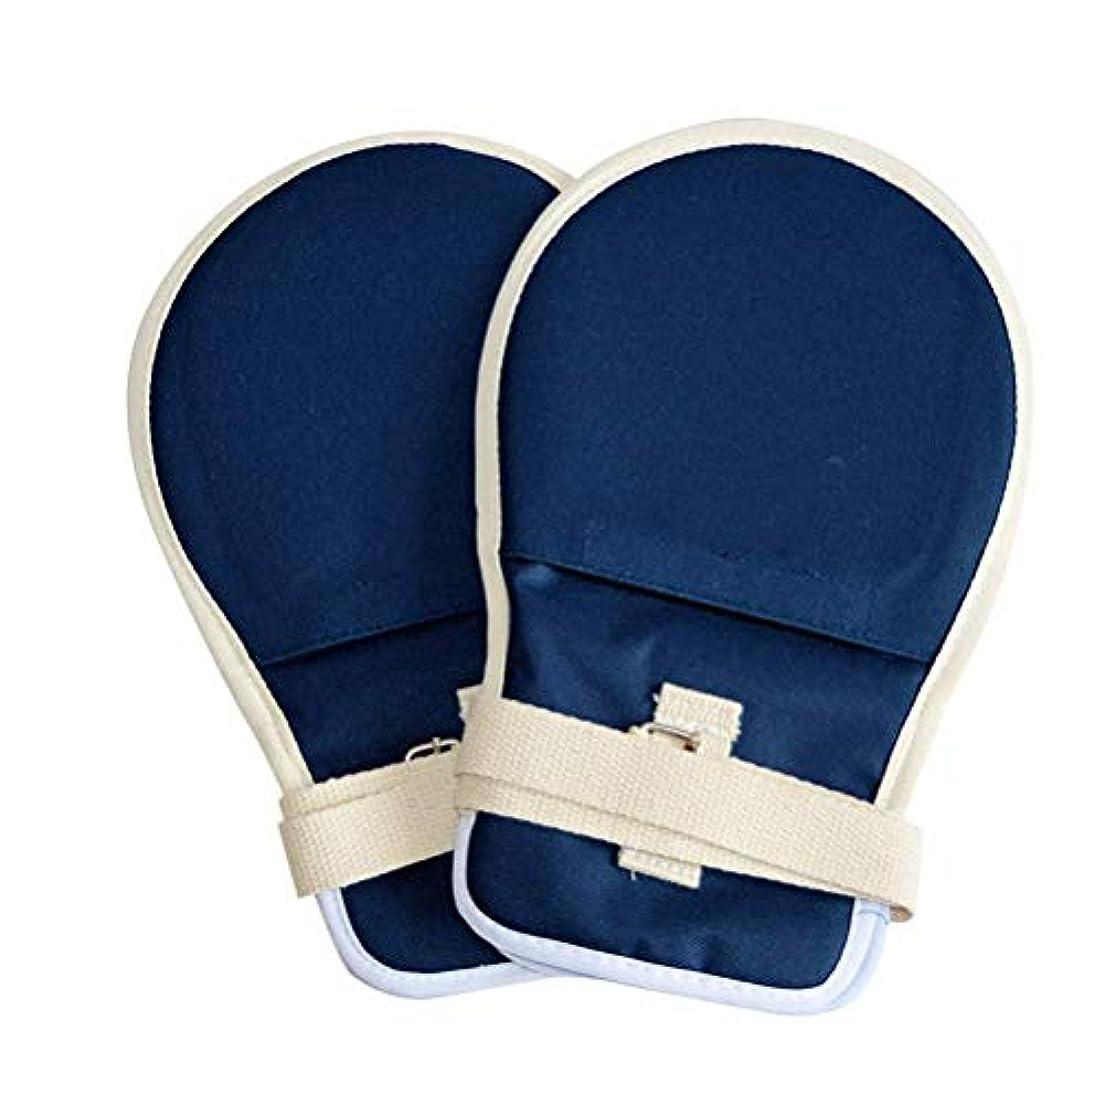 口実親愛な恒久的フィンガーコントロールミット-ハンドプロテクター安全装置、医療拘束患者の手感染安全手袋、指の予防固定手袋高齢患者 (2PCS)